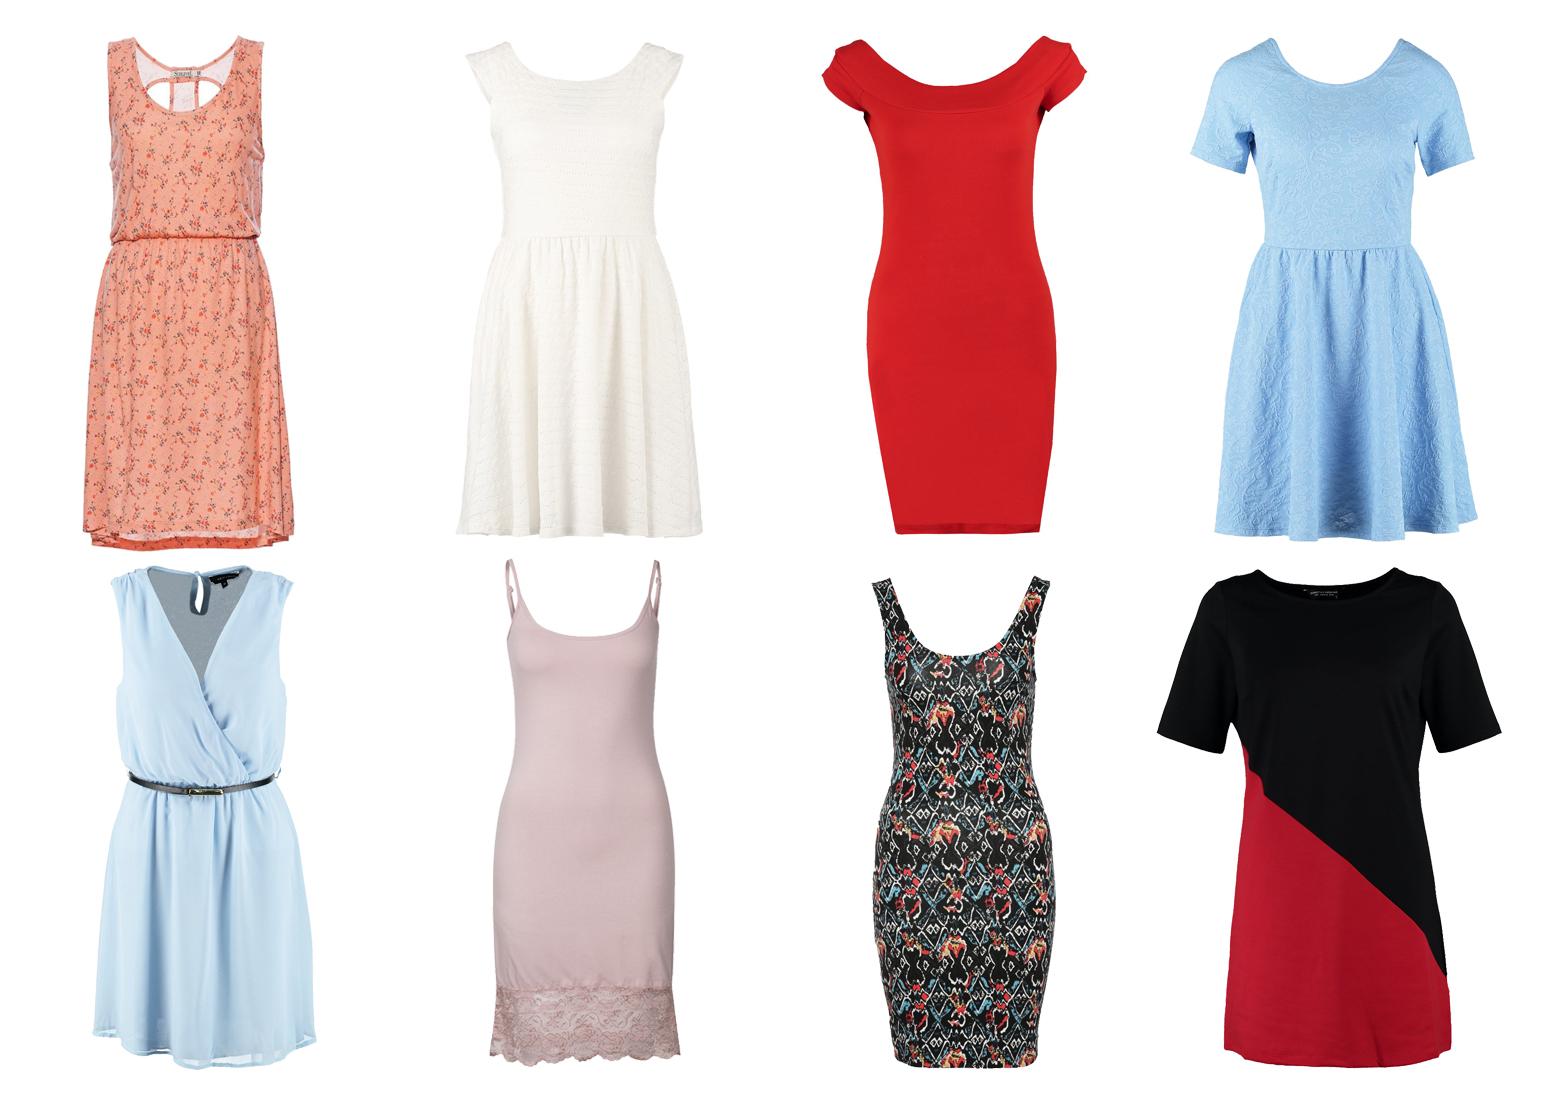 Tanie sukienki w różnych kolorach